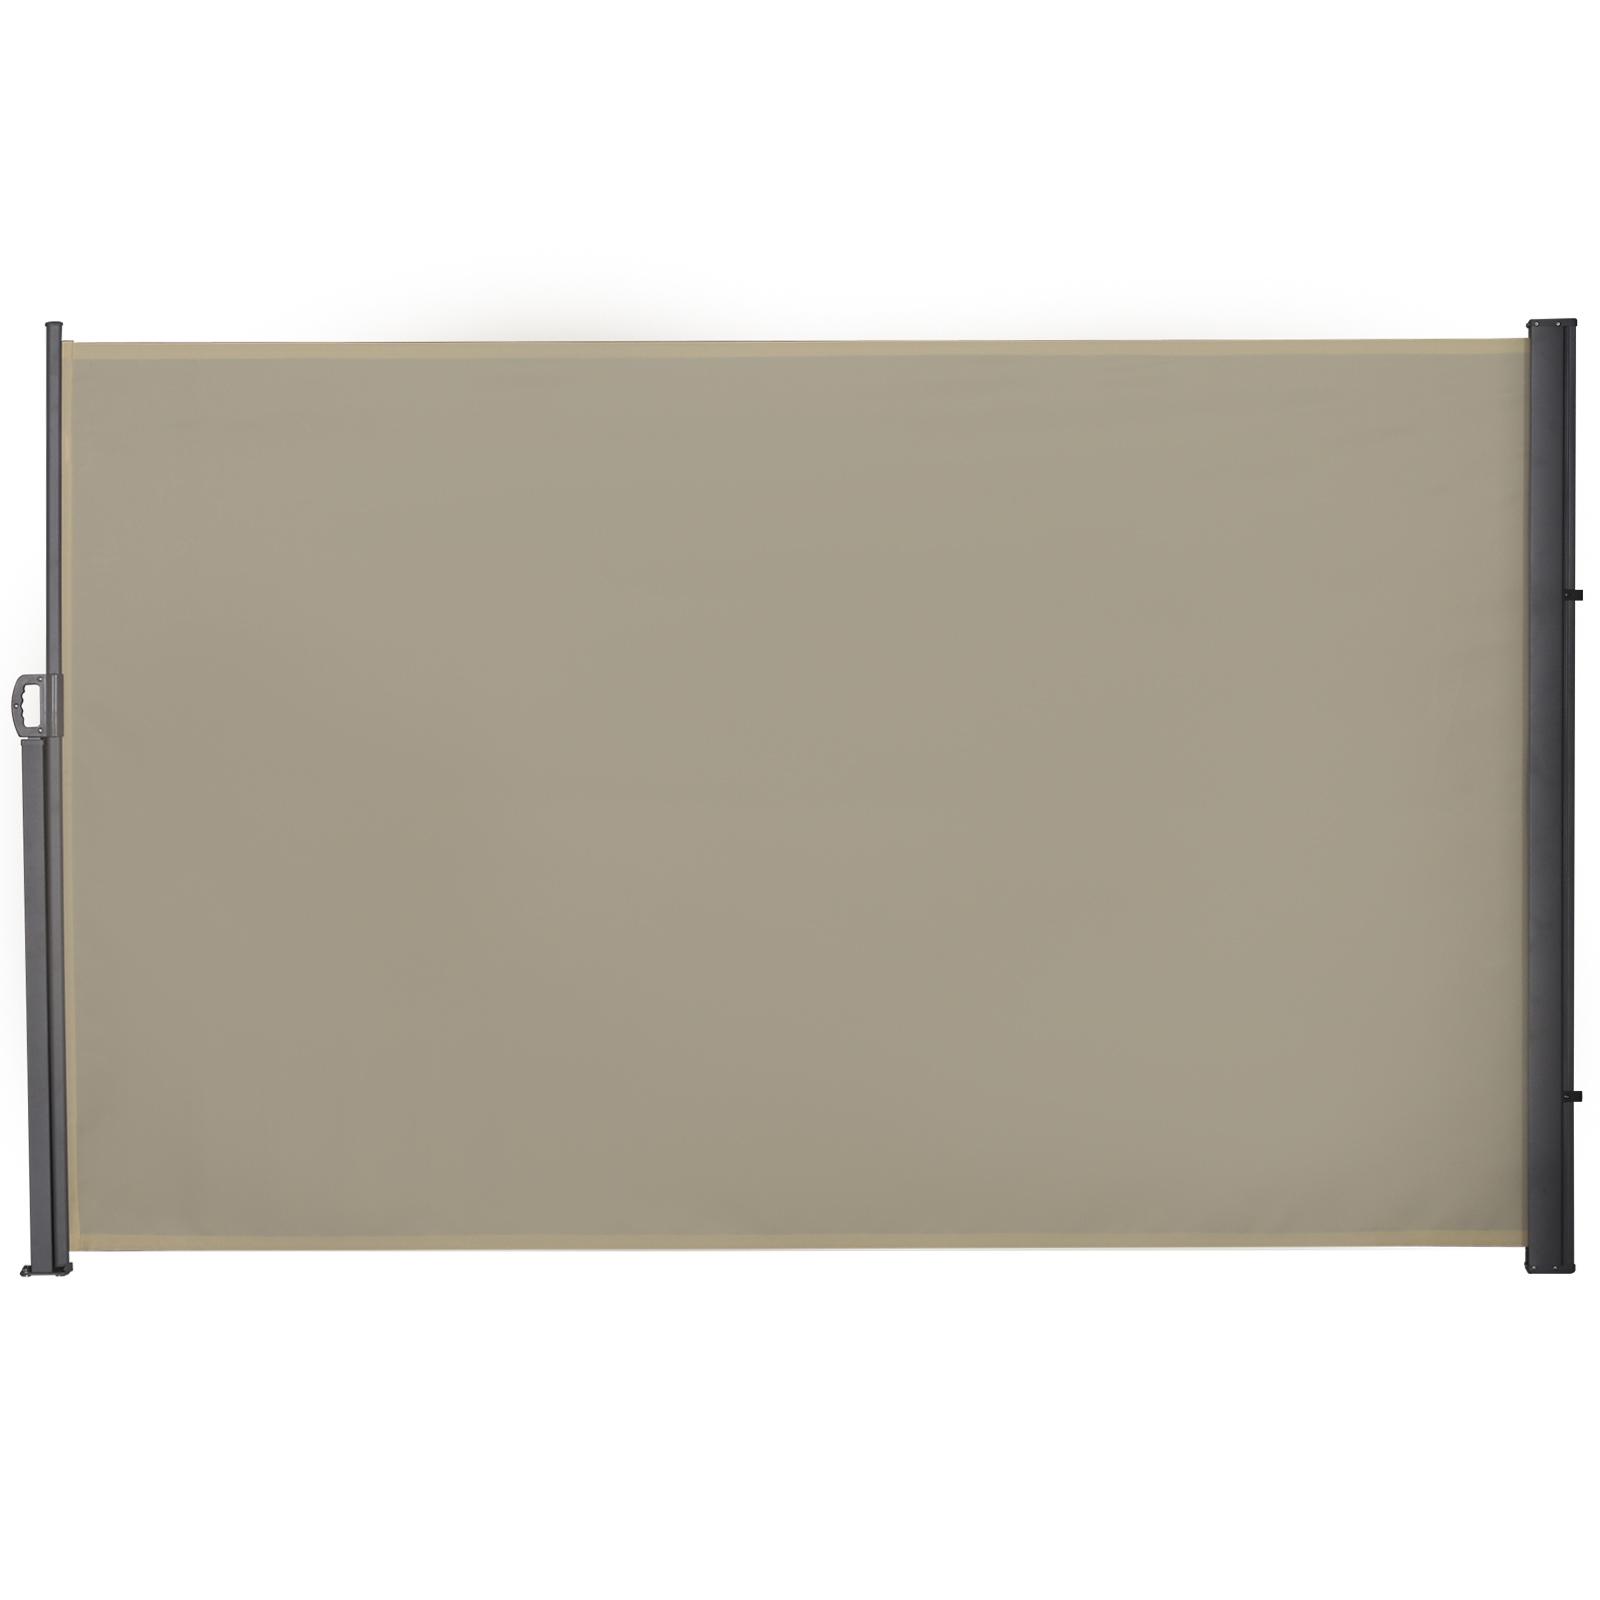 Store latéral brise-vue rétractable alu. polyester haute densité